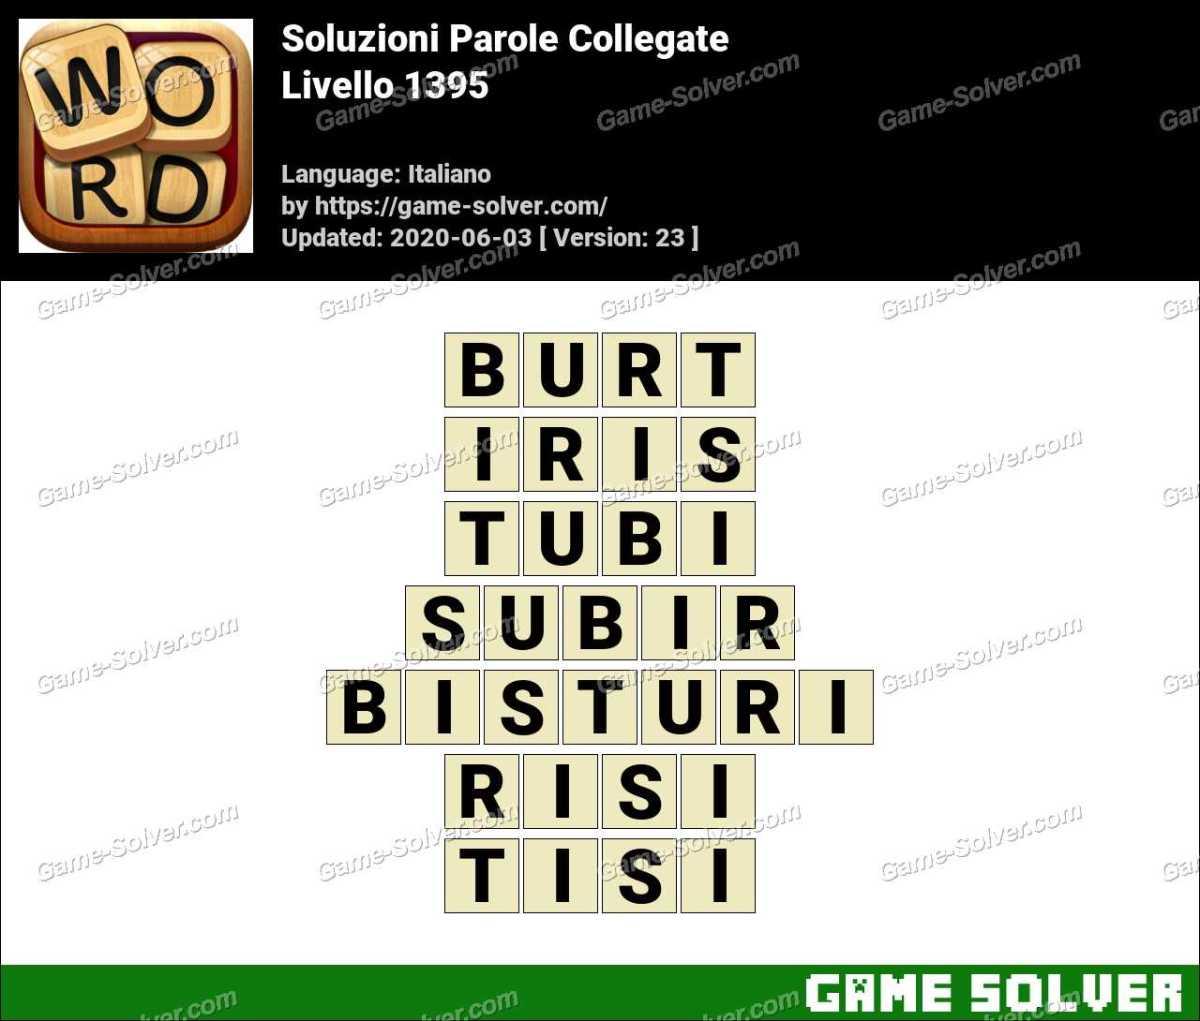 Soluzioni Parole Collegate Livello 1395